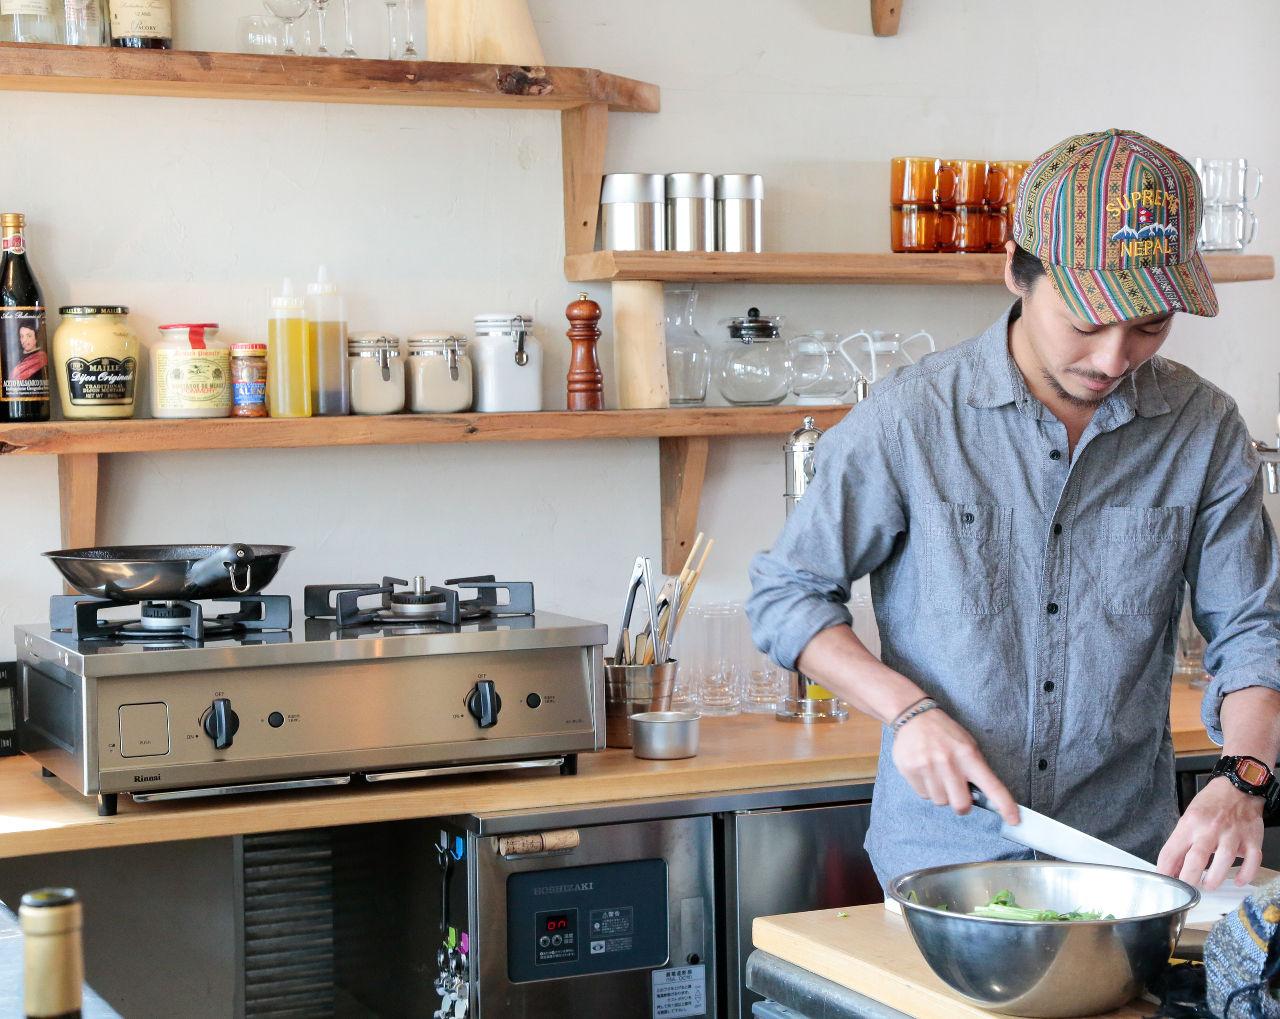 【無料サンプリング】賃貸キッチンおしゃれ化計画【Vamo.】ステンレスコンロでこだわりキッチンを作りたい方募集!